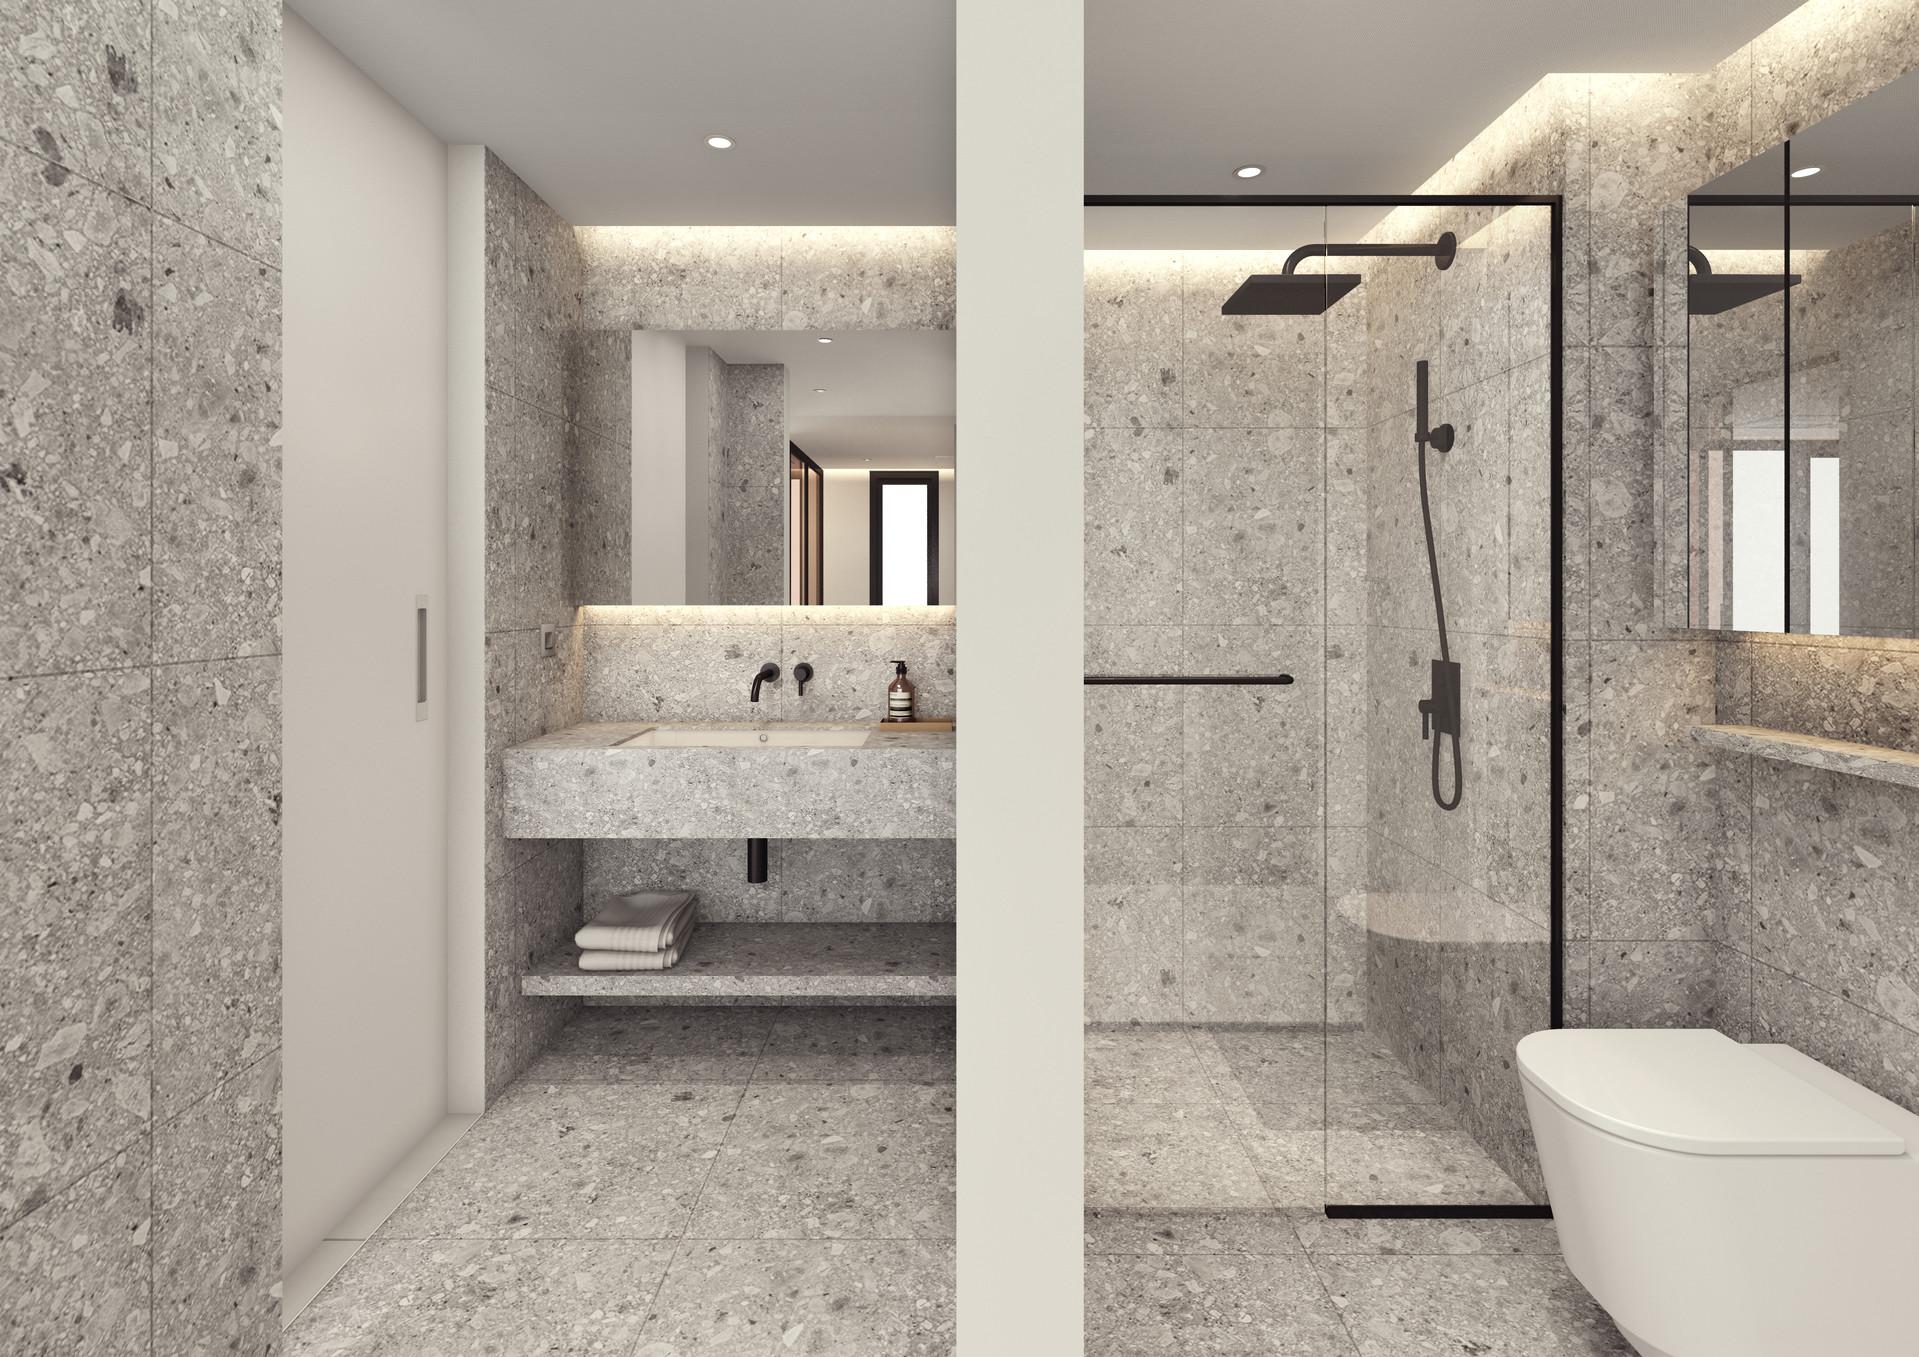 디자인 철학이 고스란히 담긴 슬로우밀리의 화장실 내부